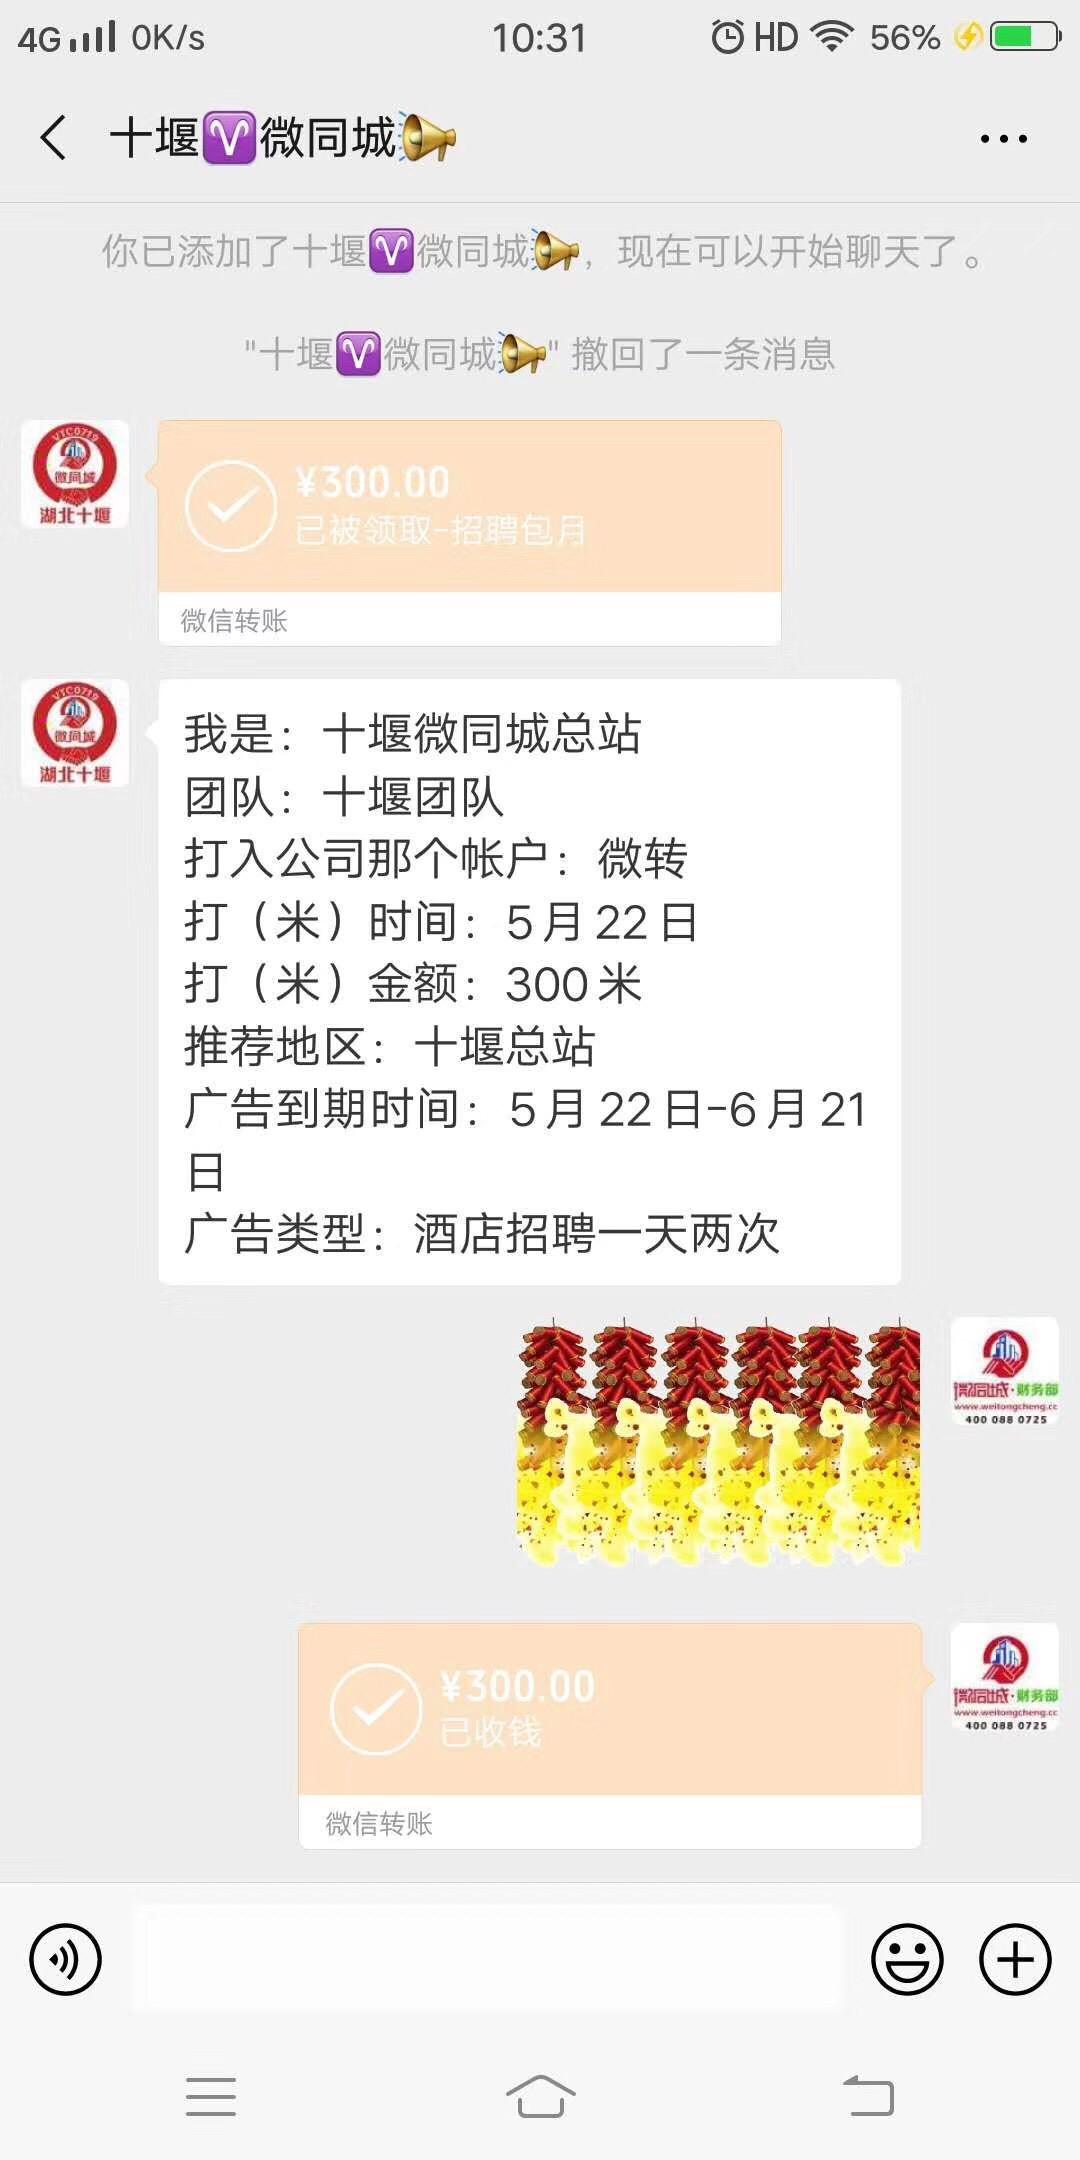 【酒店招聘推广】祝贺十堰微全城微帮